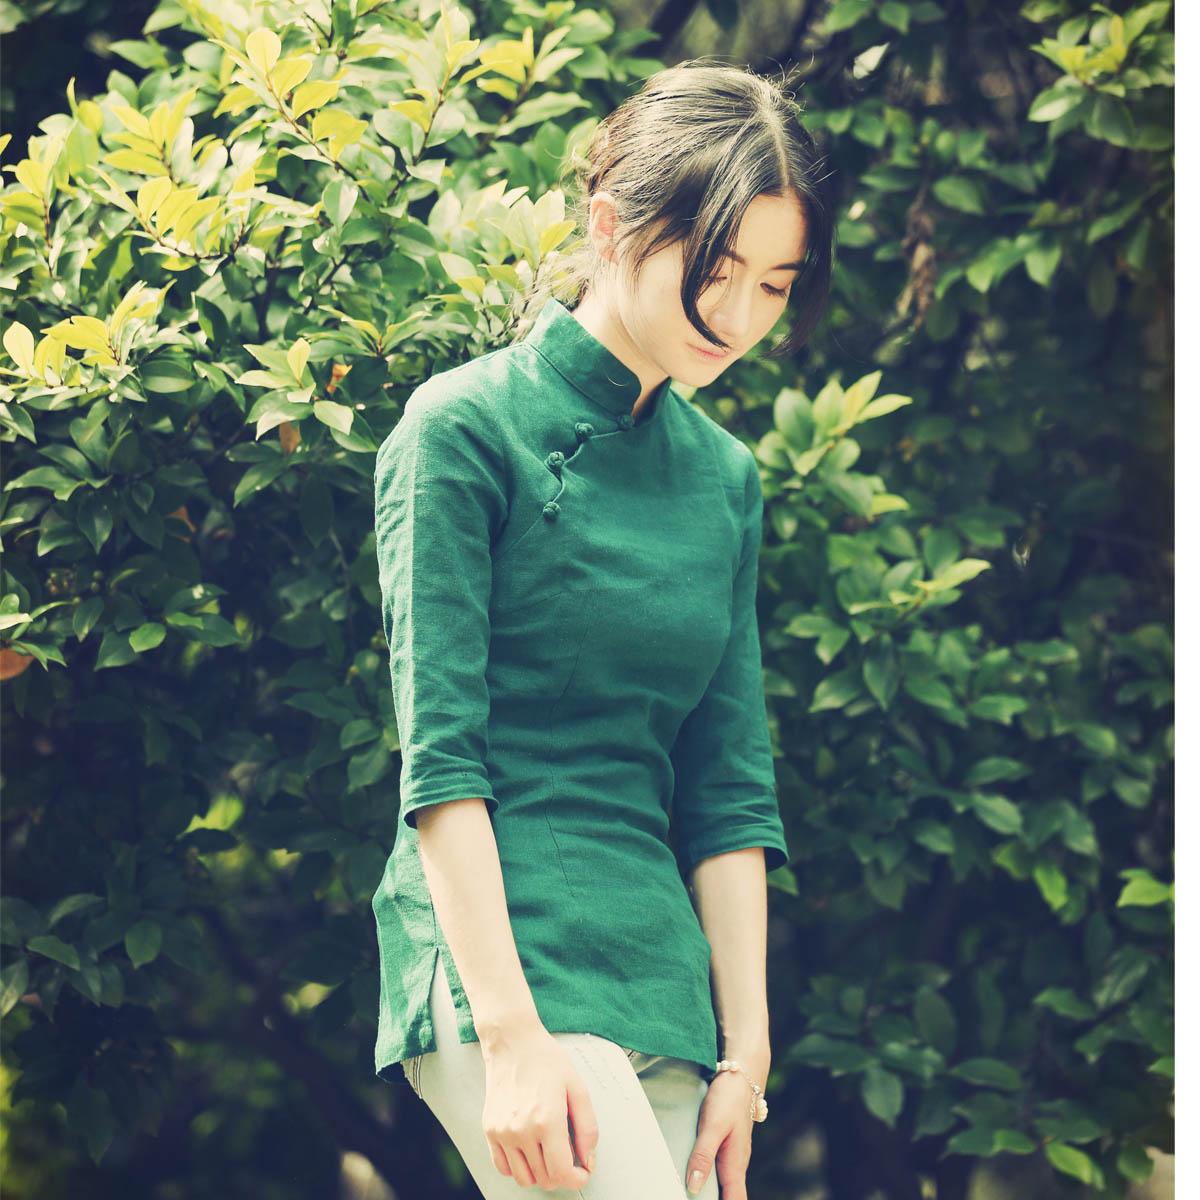 Сяо (река) река сянцзян чернила улучшение костюм cheongsam куртка литература и искусство ретро долго женщина люди страна ветер женщины китайский стиль куртка